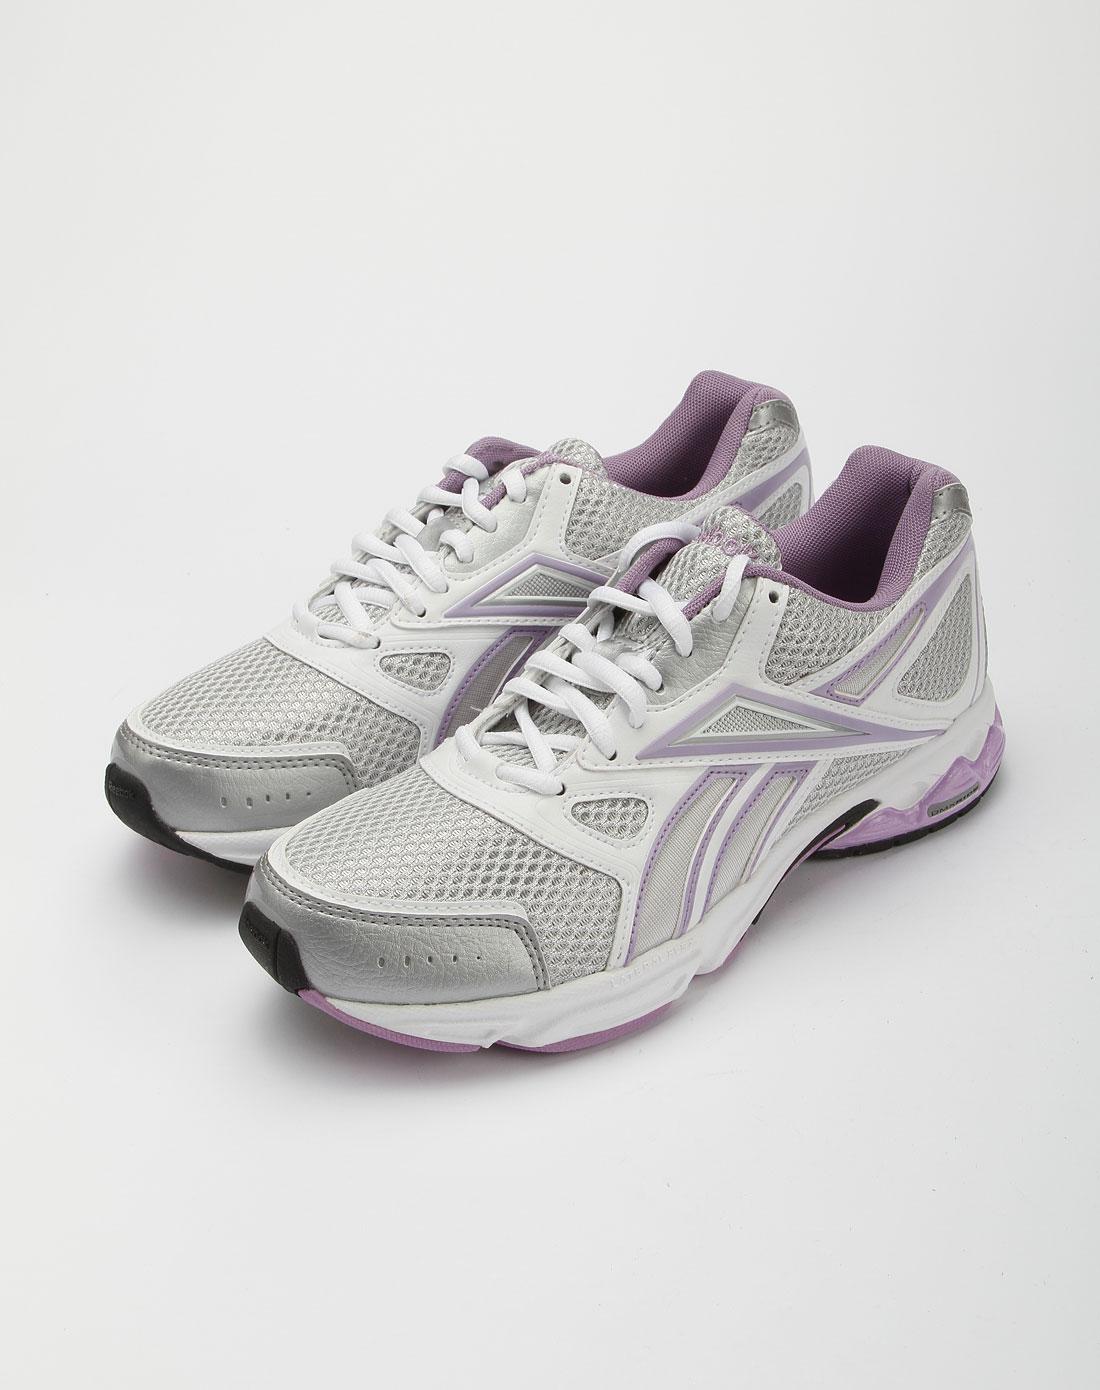 锐步reebok银色透气时尚运动鞋j22692